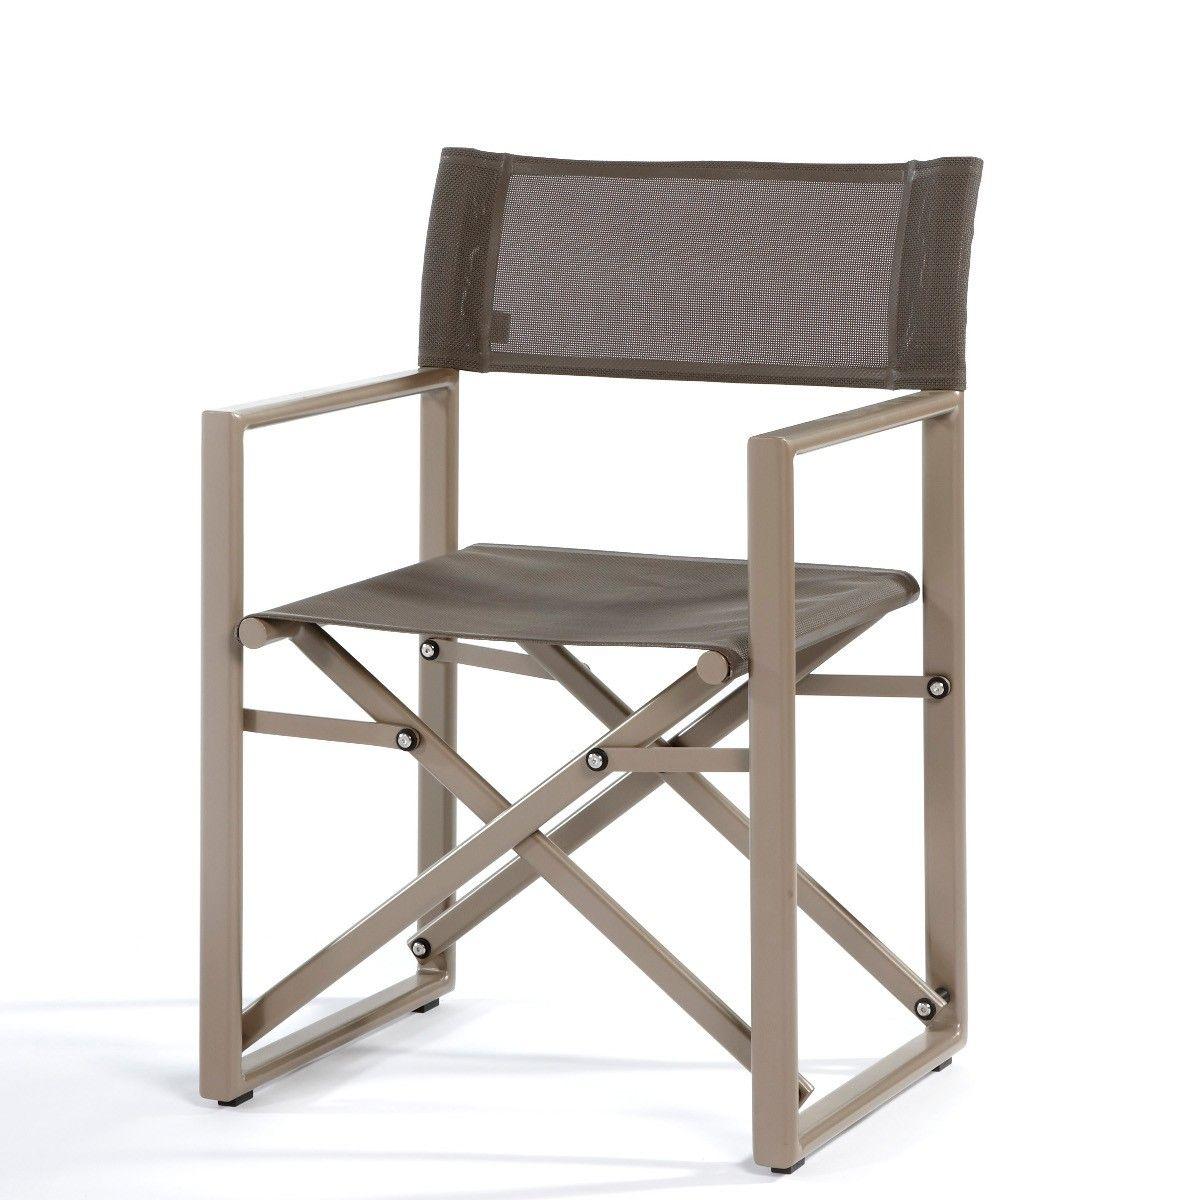 Fauteuil Pliant DIRECTOR De Jardinico Chair Pinterest - Fauteuil pliant